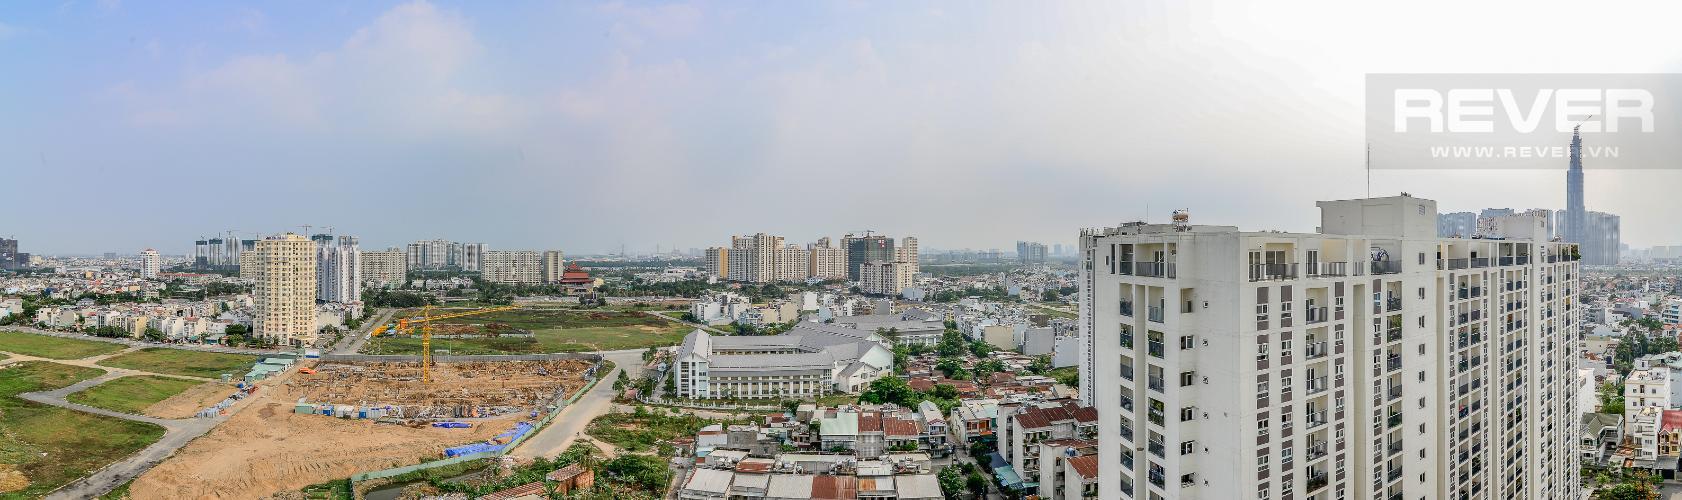 View Penthouse Chung cư Bộ Công An 3 phòng ngủ tầng cao nội thất đầy đủ